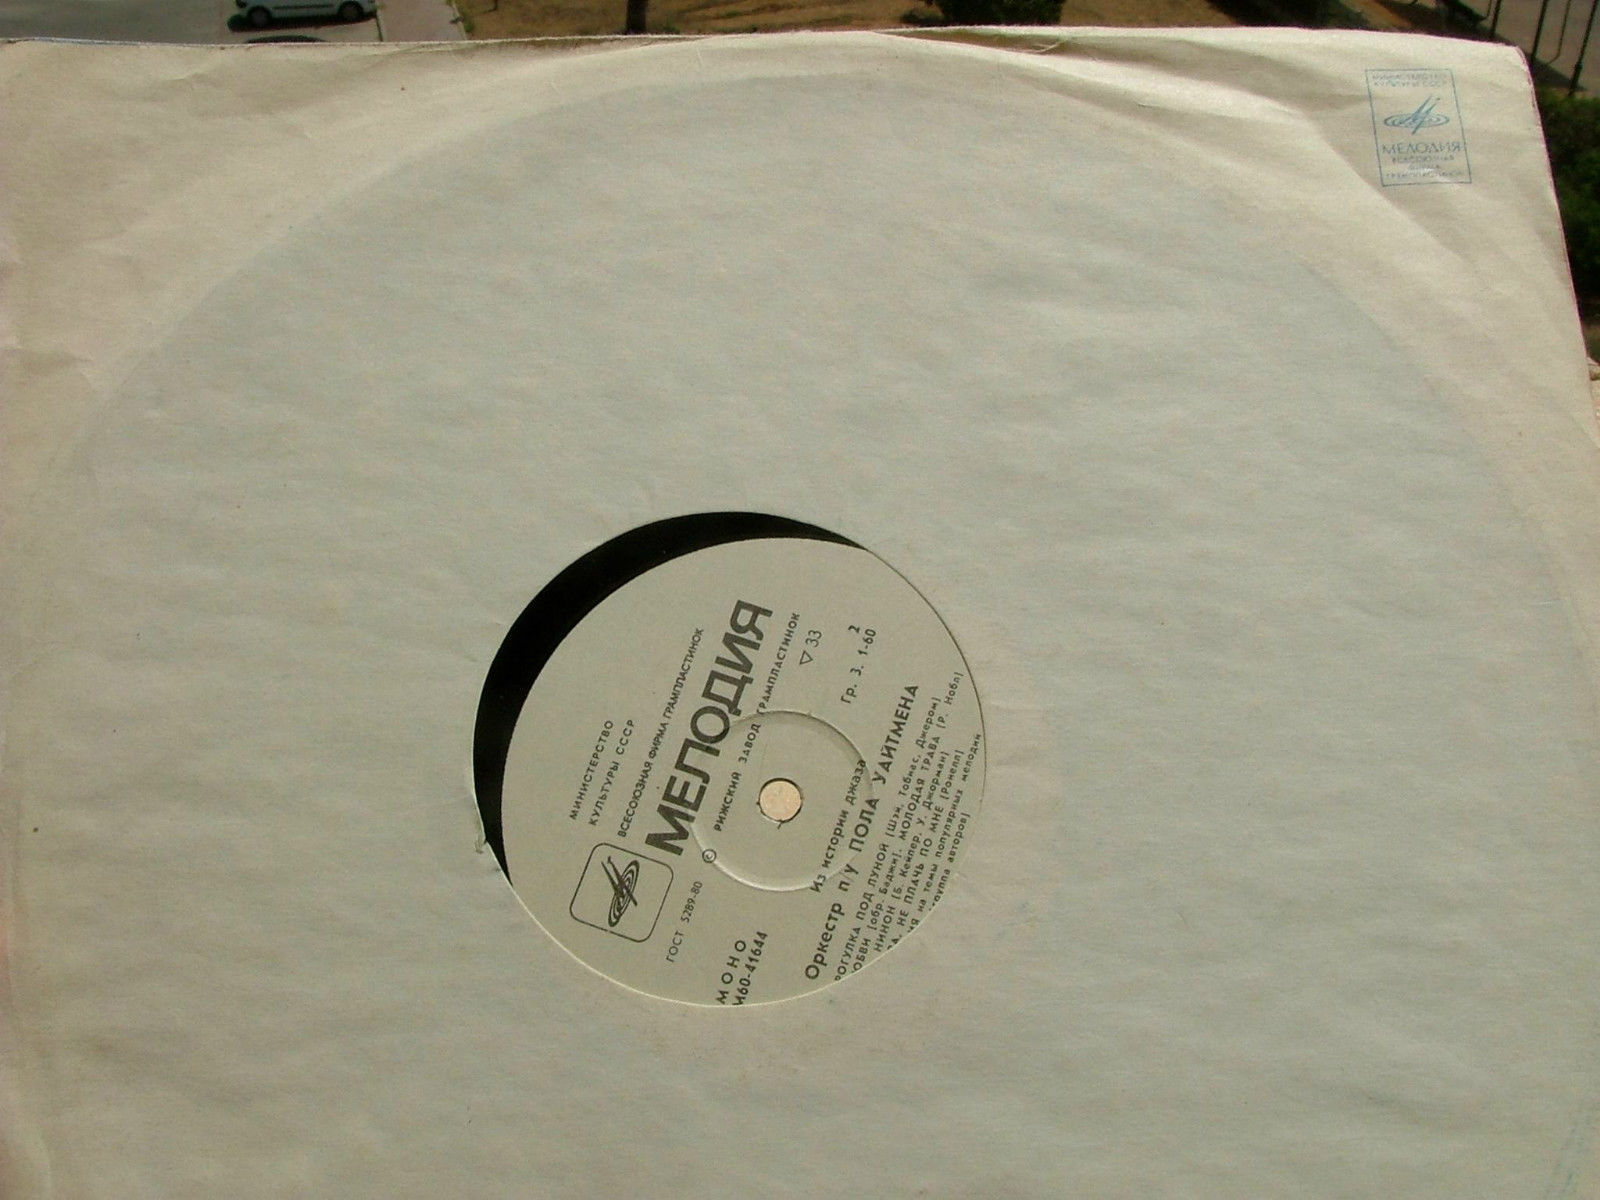 Whiteman Paul & His Orchestra -- From history jazz - Melodiya Rare Record image 4